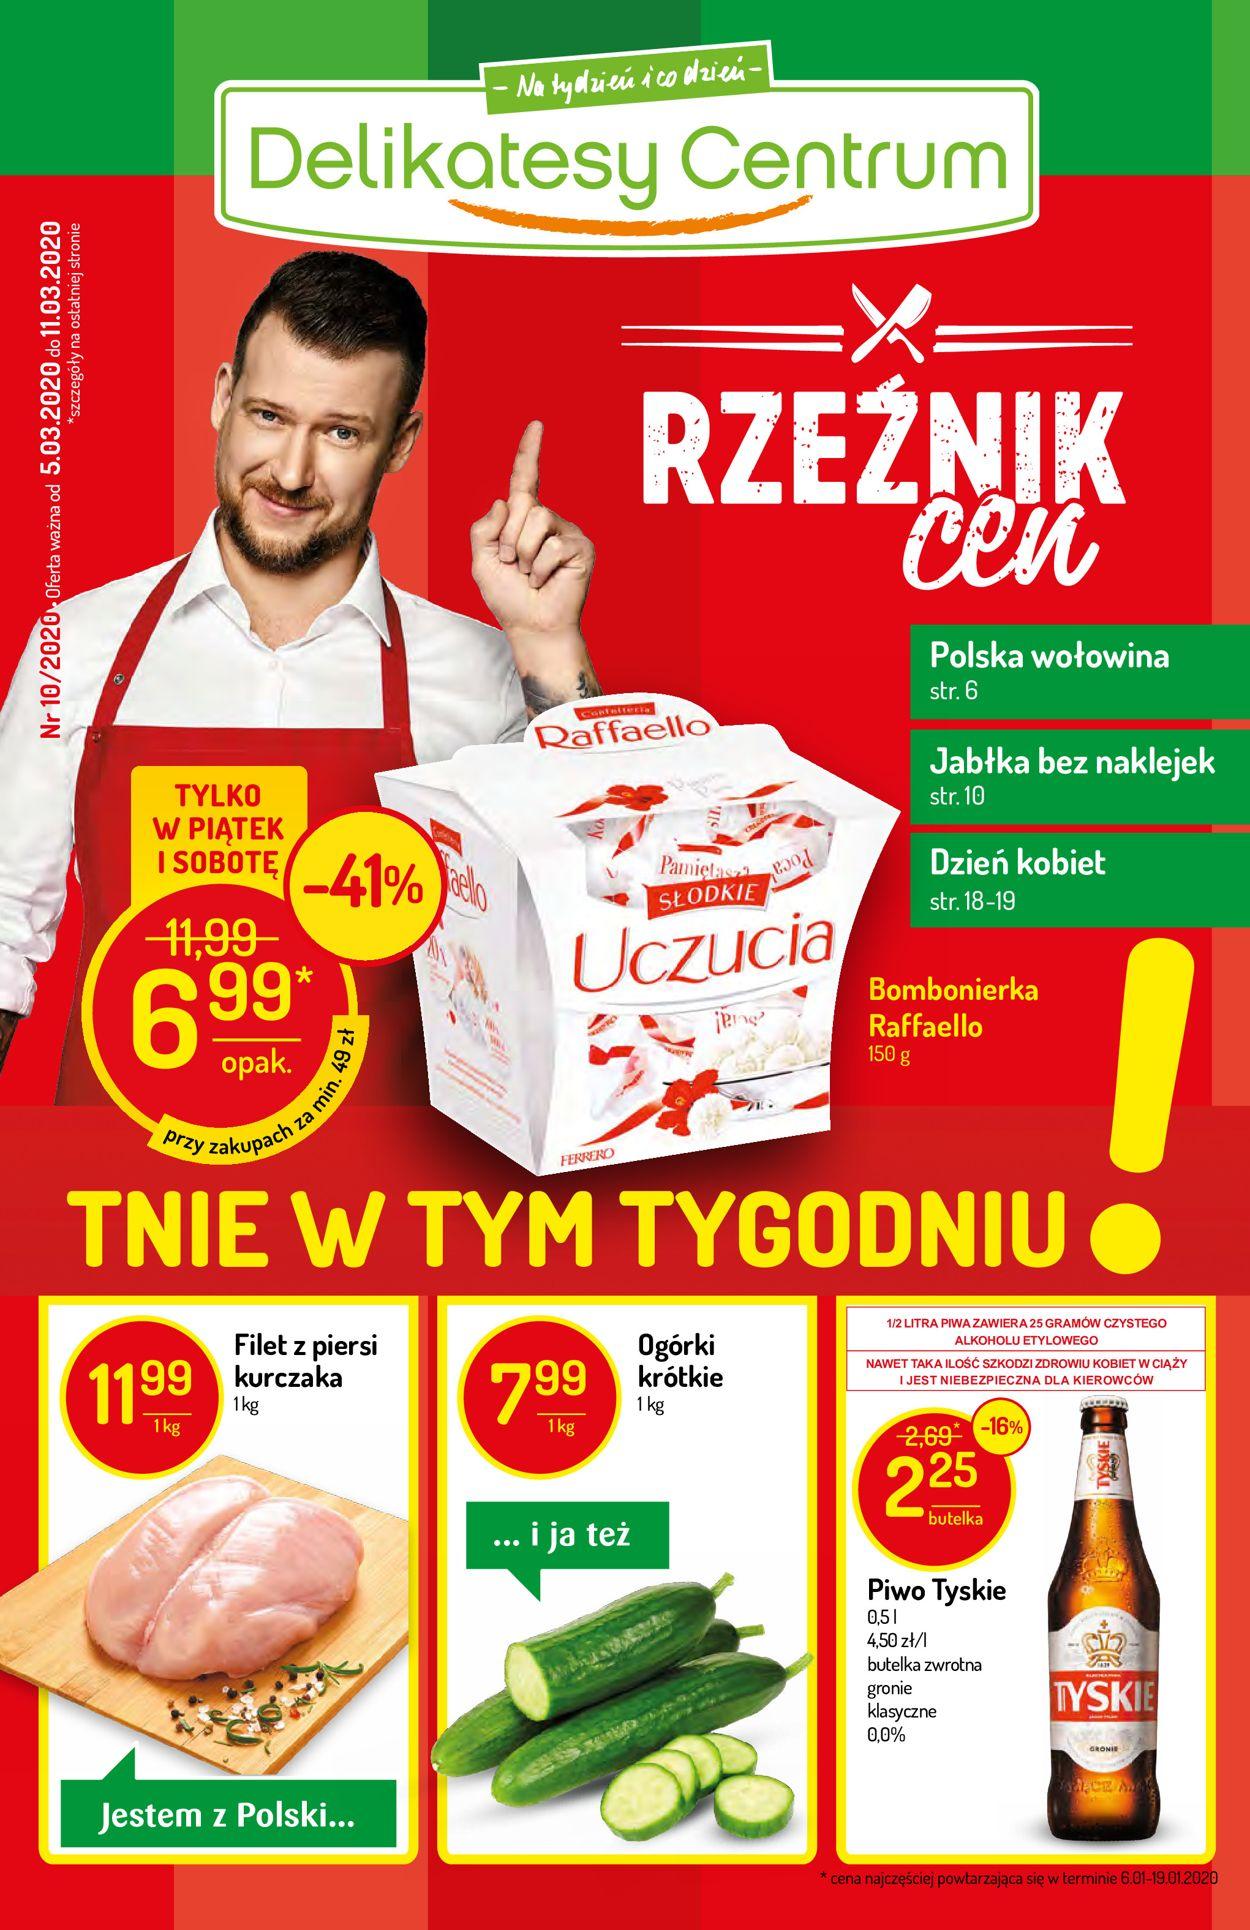 Gazetka promocyjna Delikatesy Centrum - 05.03-11.03.2020